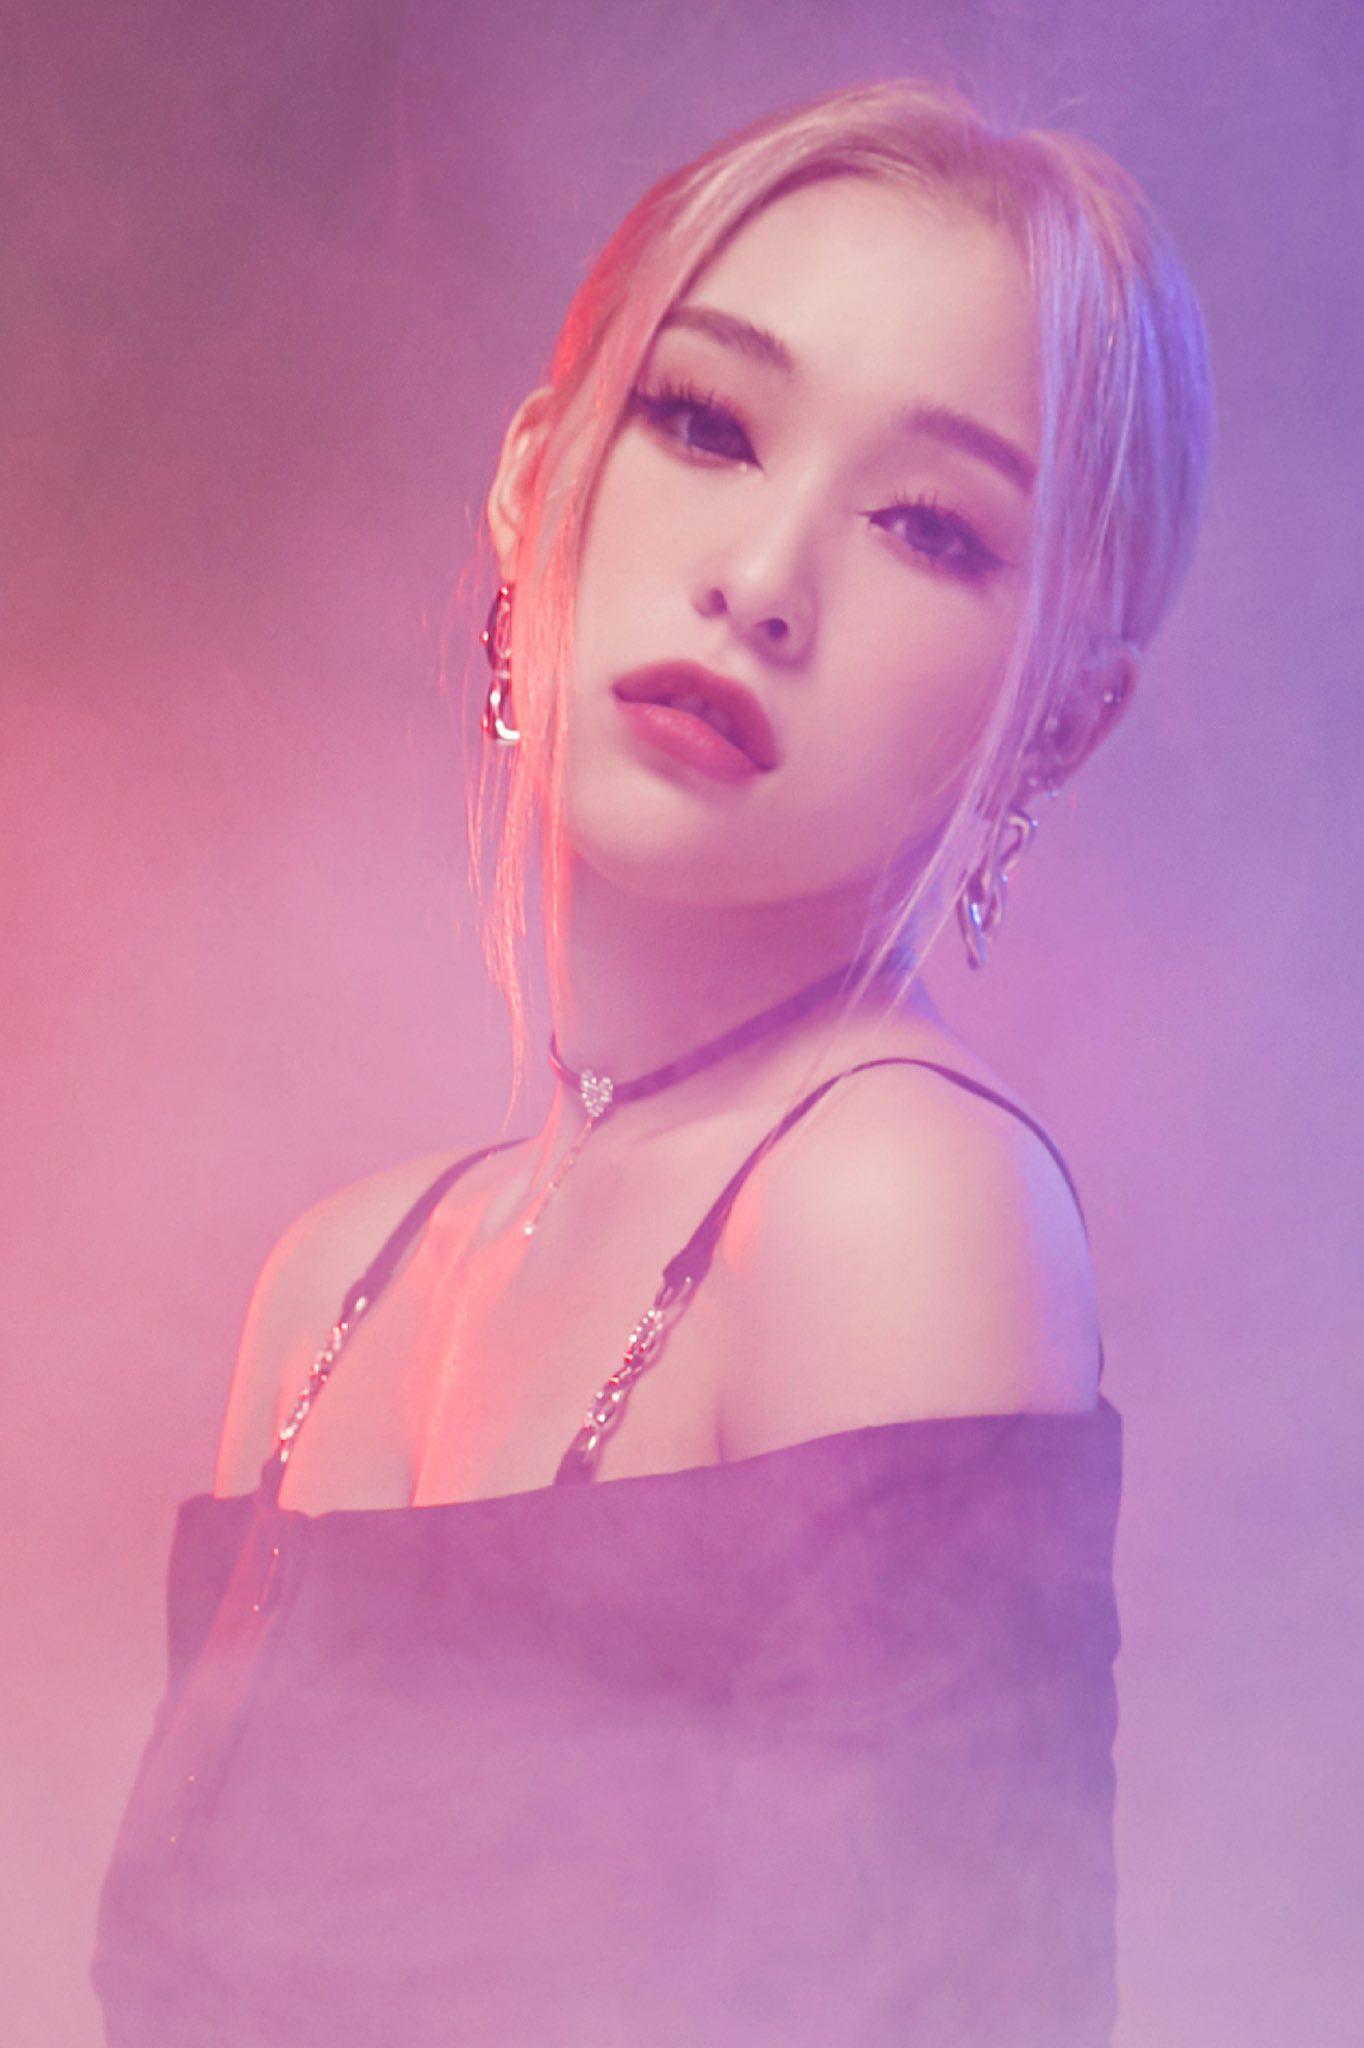 Gahyeon (Dreamcatcher)